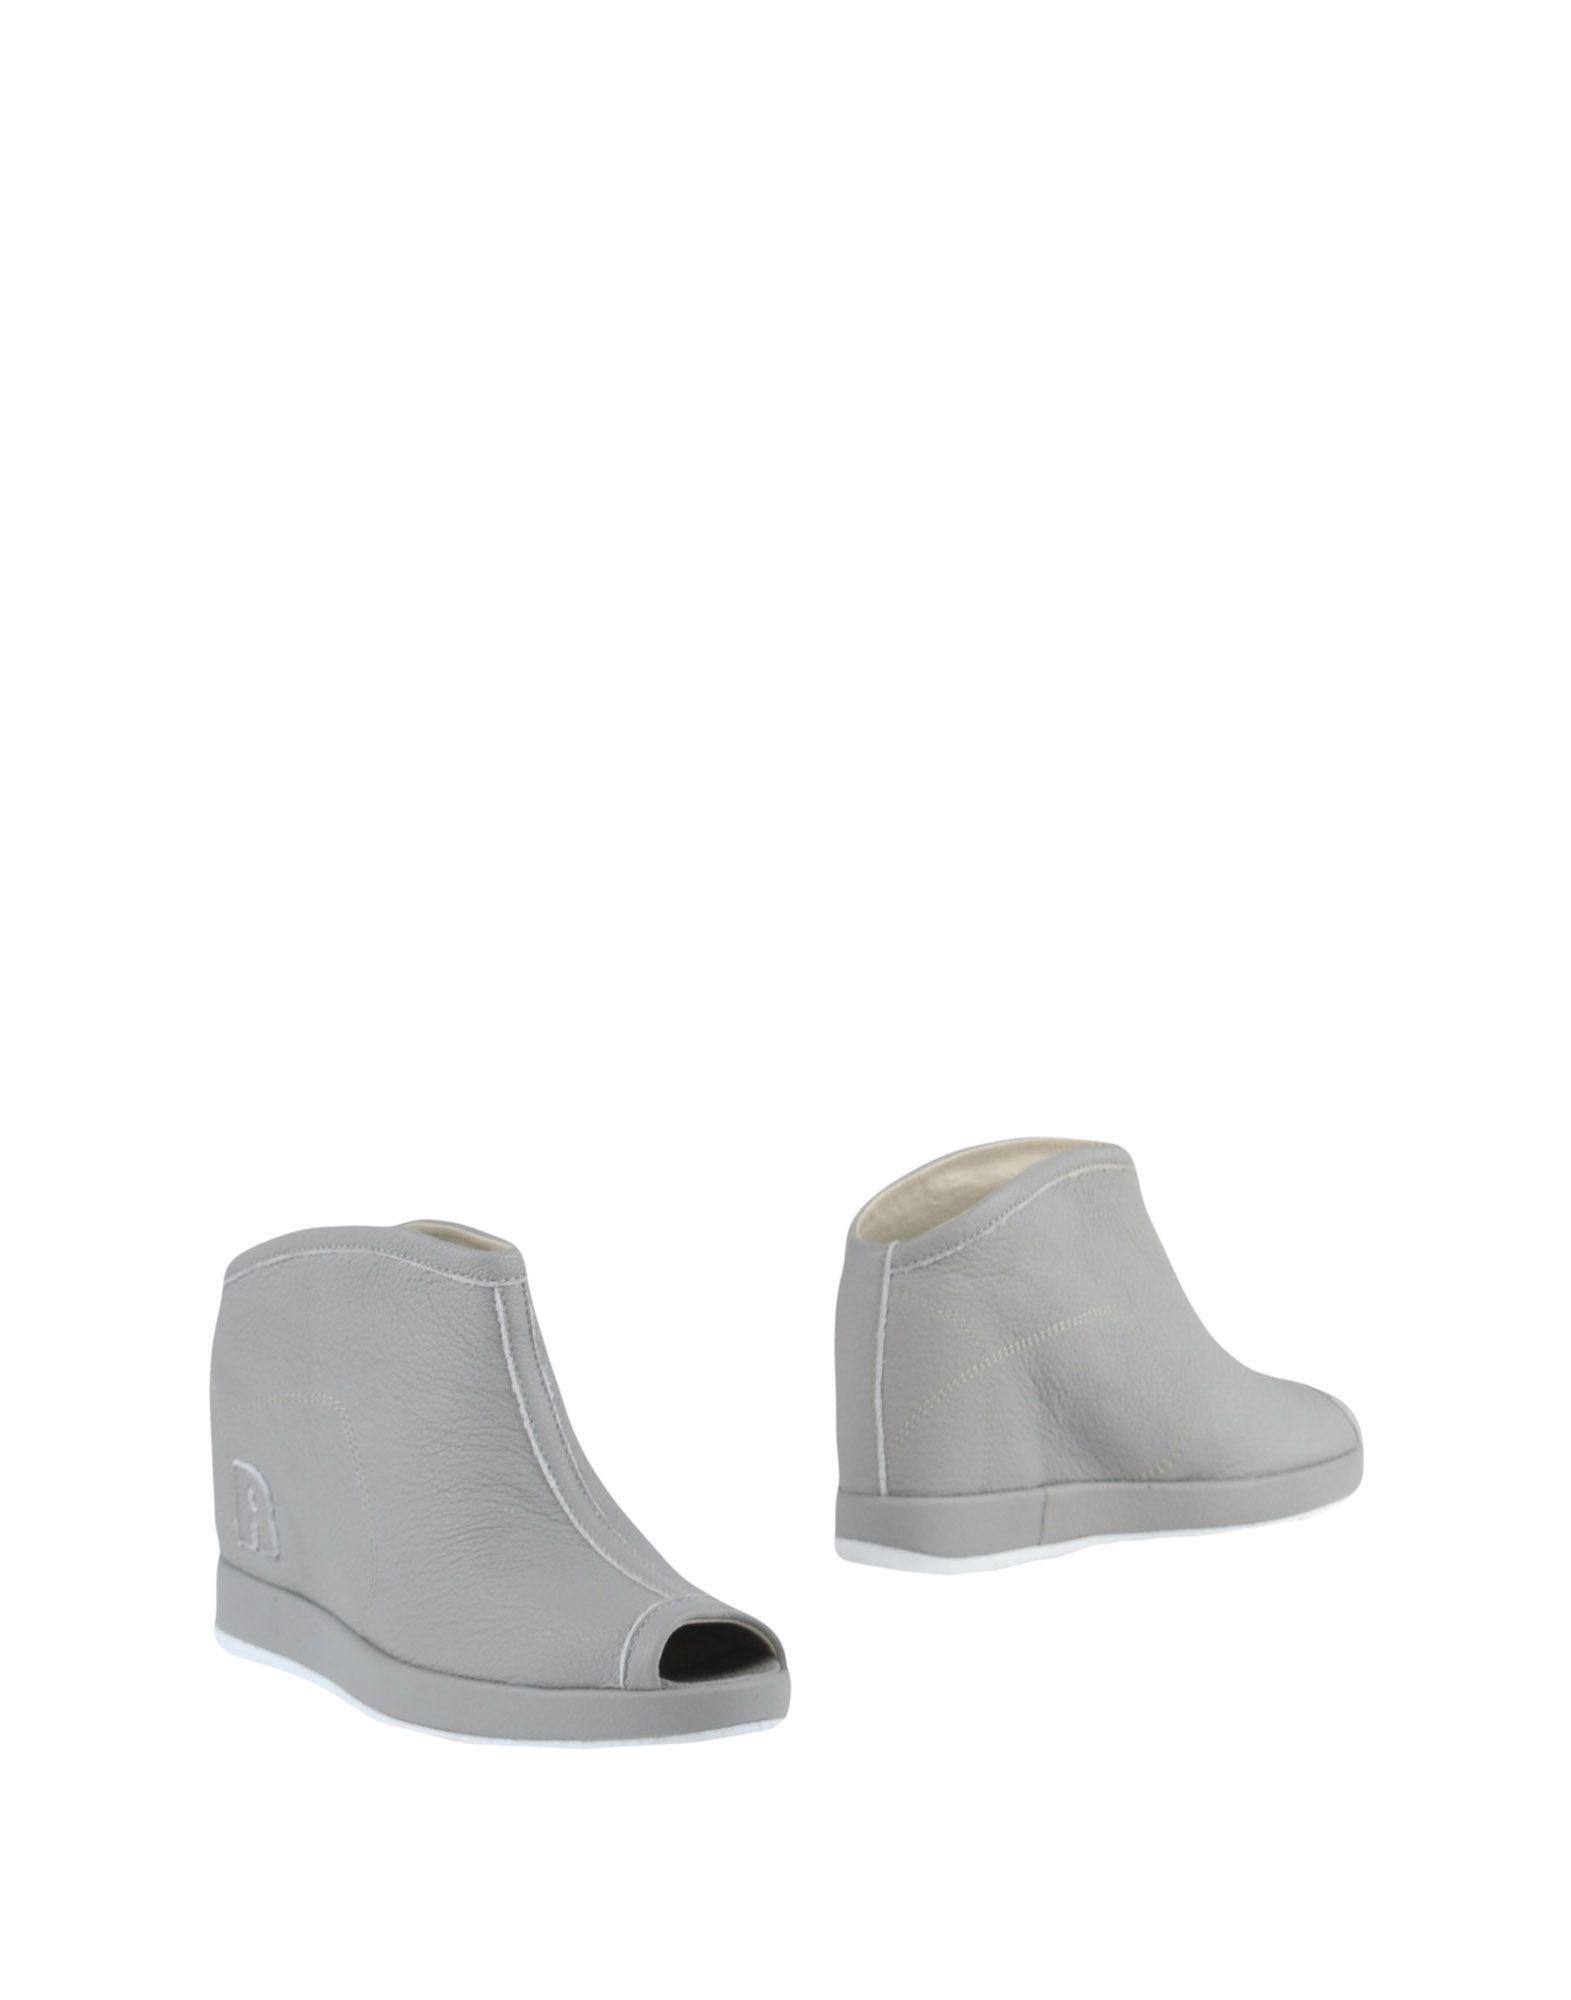 Ruco Line Stiefelette Damen  11335276UR Gute Qualität beliebte Schuhe